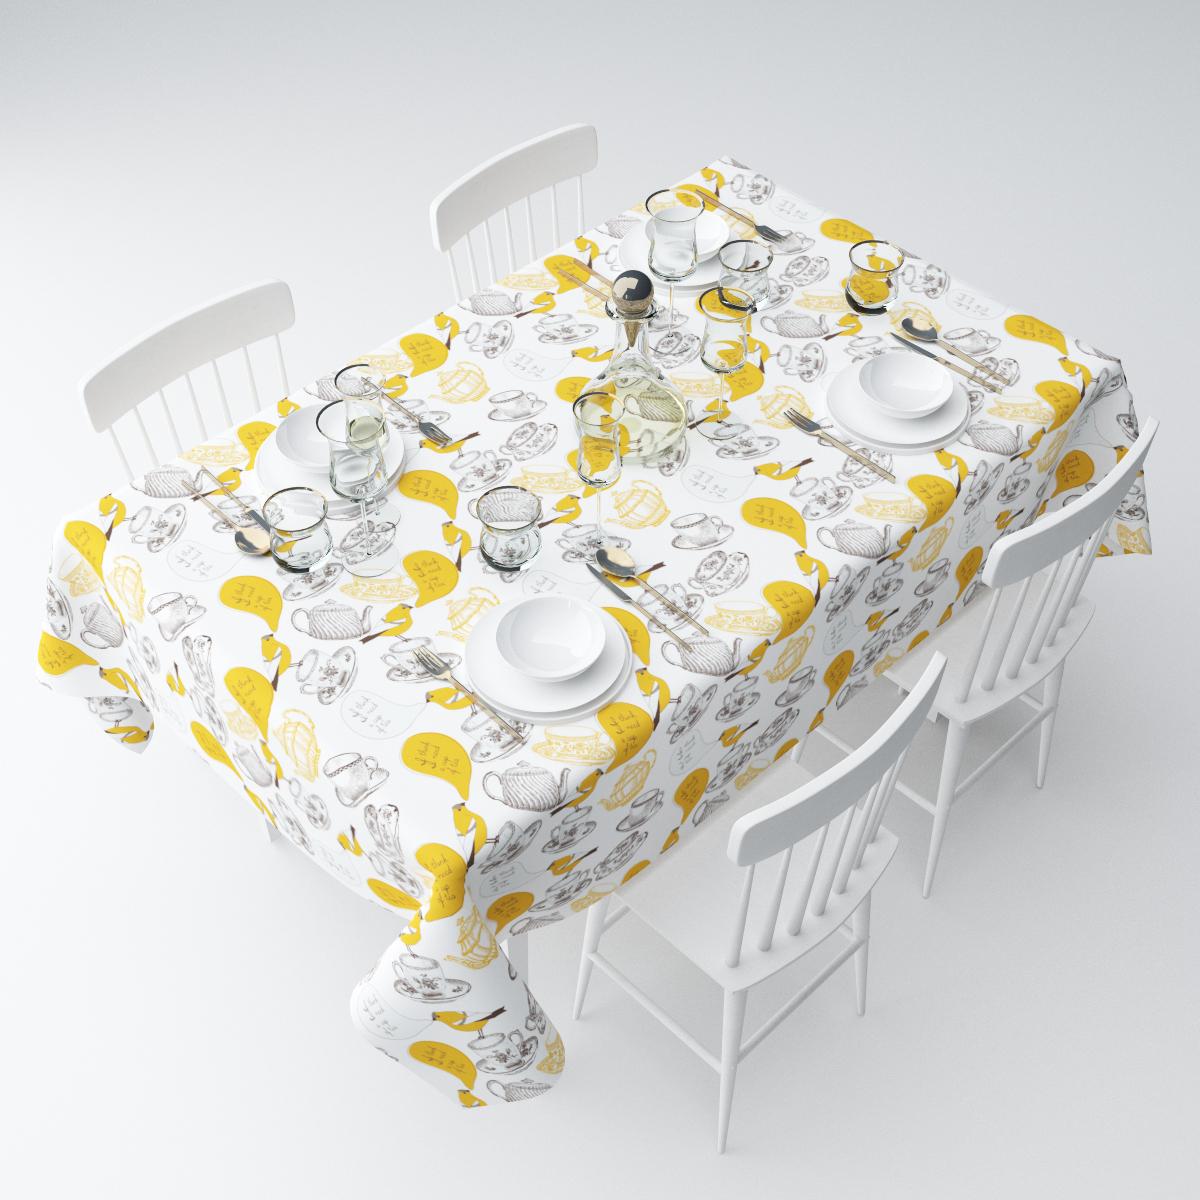 Скатерть Сирень Чашка чая, прямоугольная, 145 х 120 смСКГБ003-04463Скатерть Сирень с ярким и объемным рисунком преобразит Вашу кухню, визуально расширит пространство, создаст атмосферу радости и комфорта. Размеры: 145х120 Рекомендации по уходу: стирка при 30 градусах гладить при температуре до 110 градусов Изображение на мониторе может немного отличаться от реального.